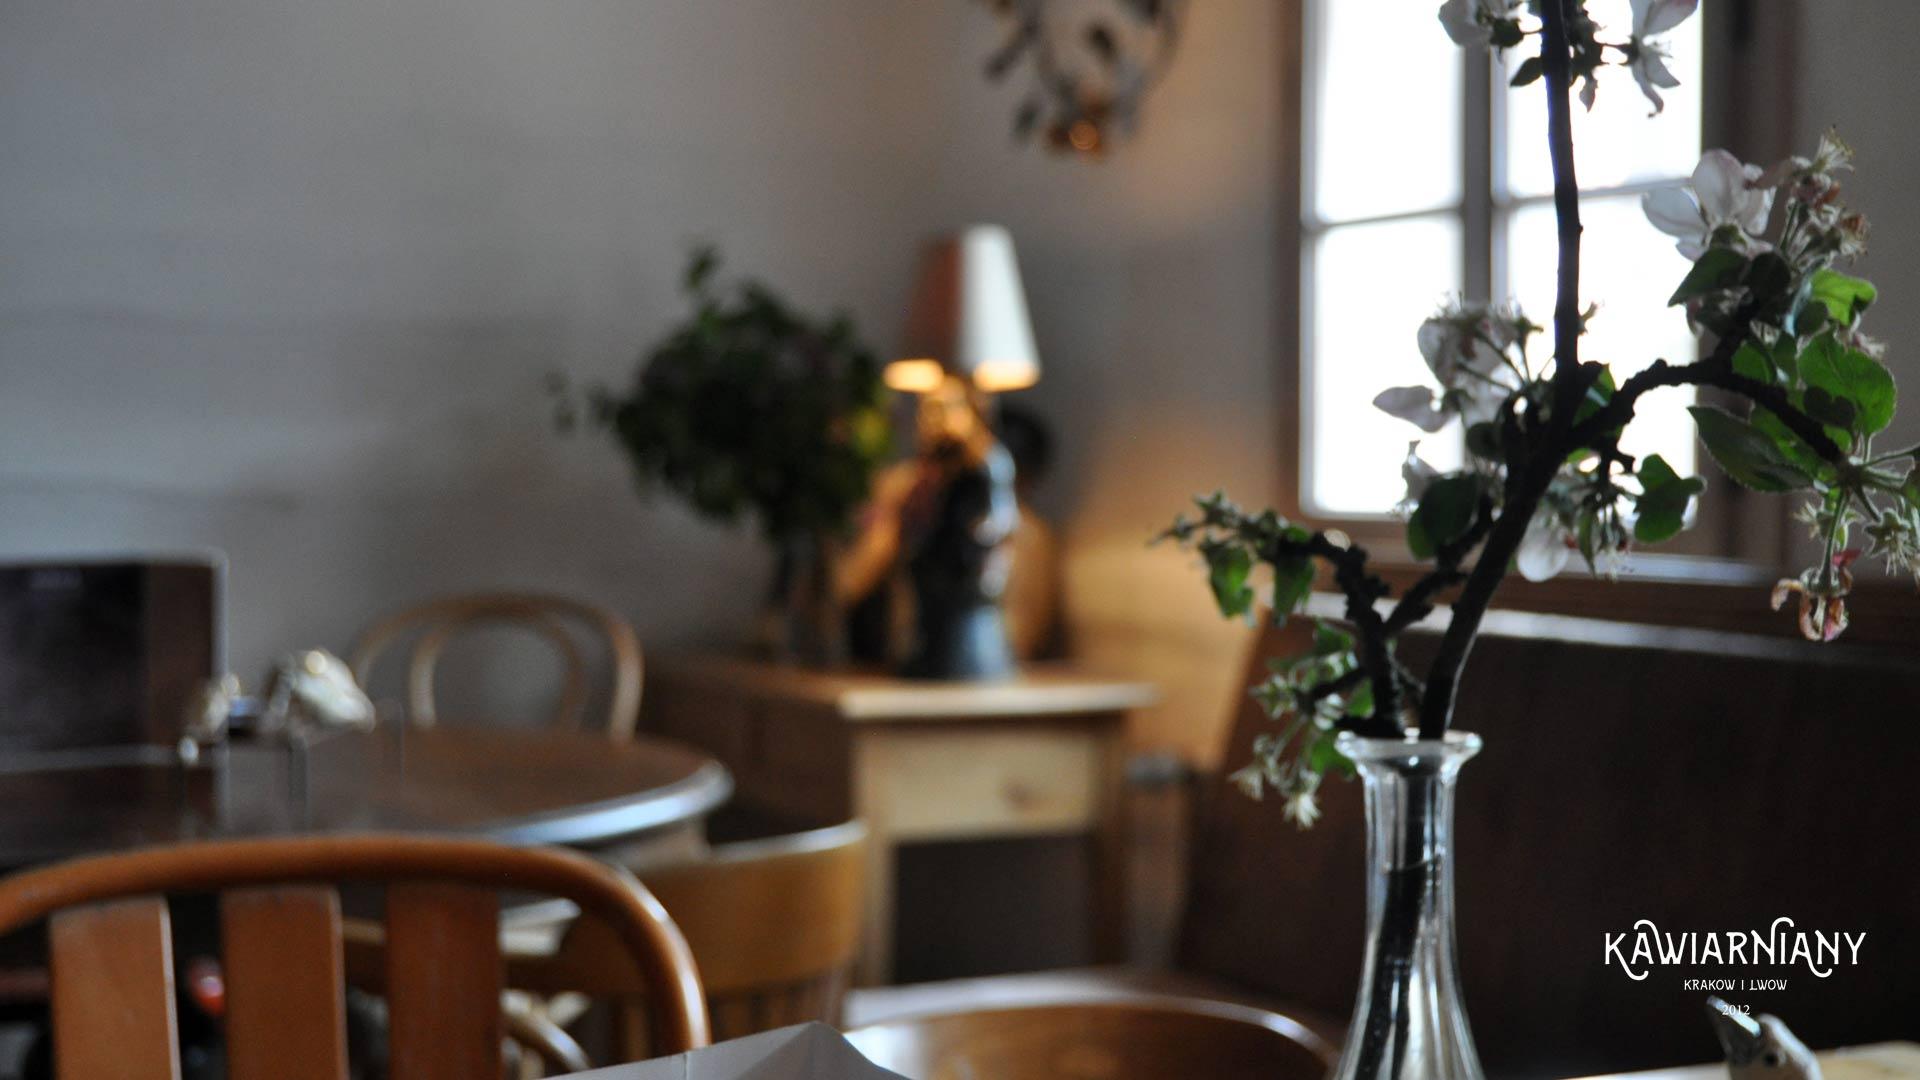 Arka Cafe, Lanckorona